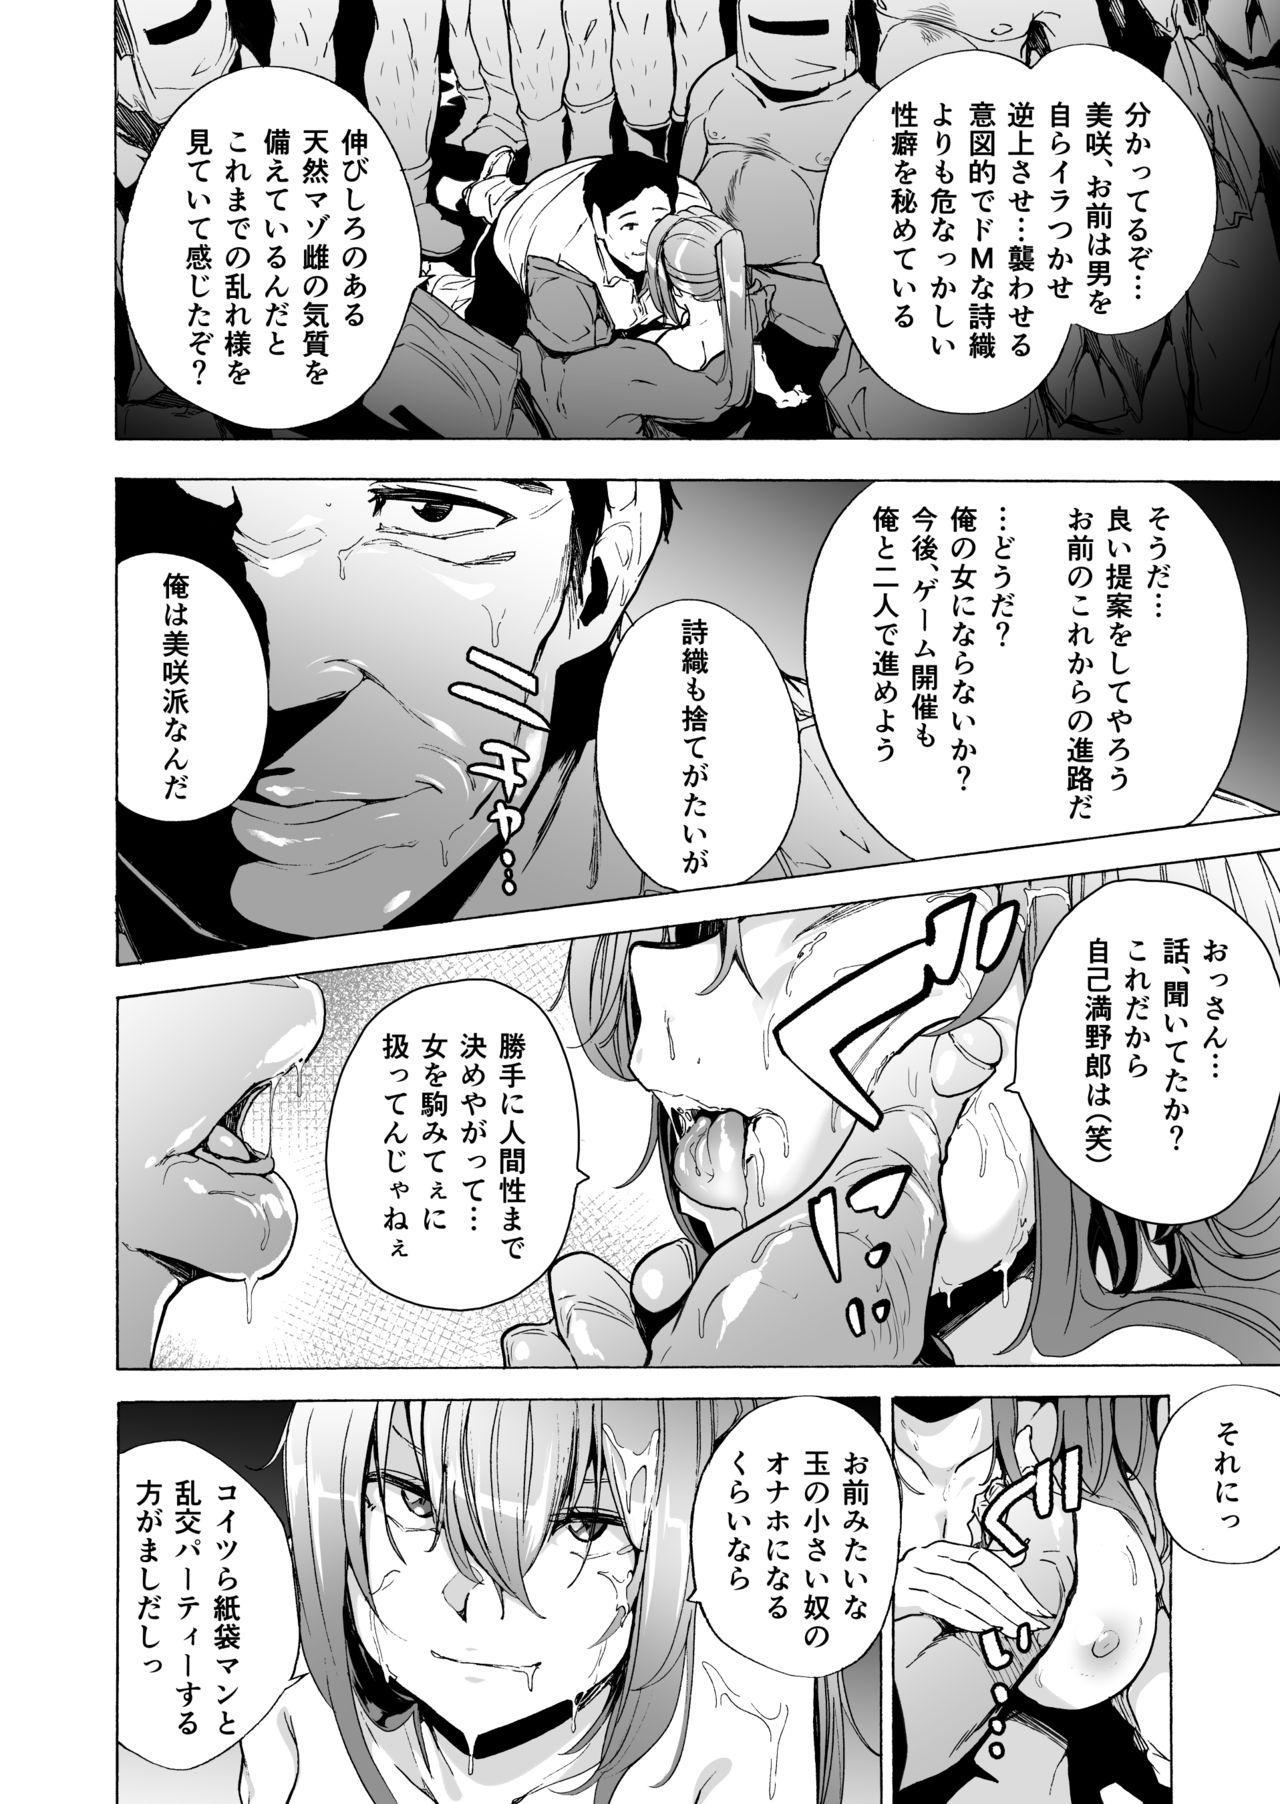 ゲームオブビッチーズ第6話 11